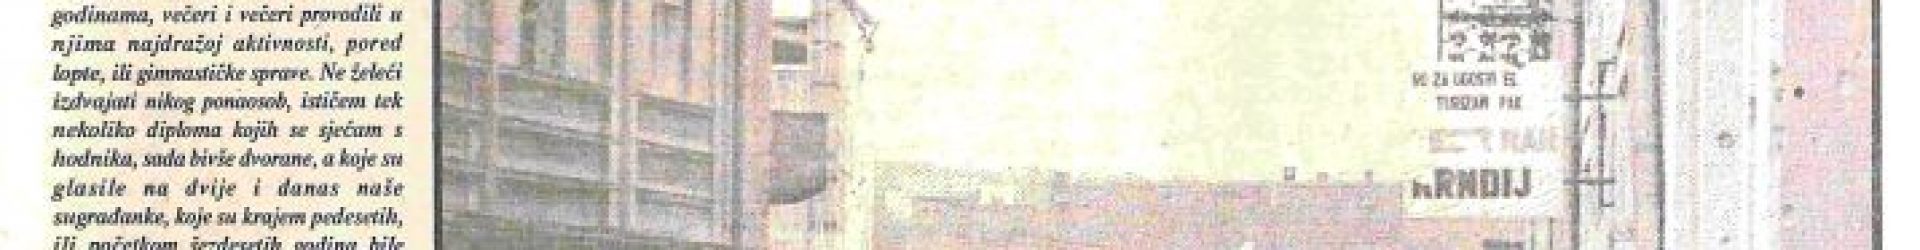 2019-03-11 13_29_29-Pakrački list broj 09. Datum 16. listopada 1992..pdf - Foxit Reader